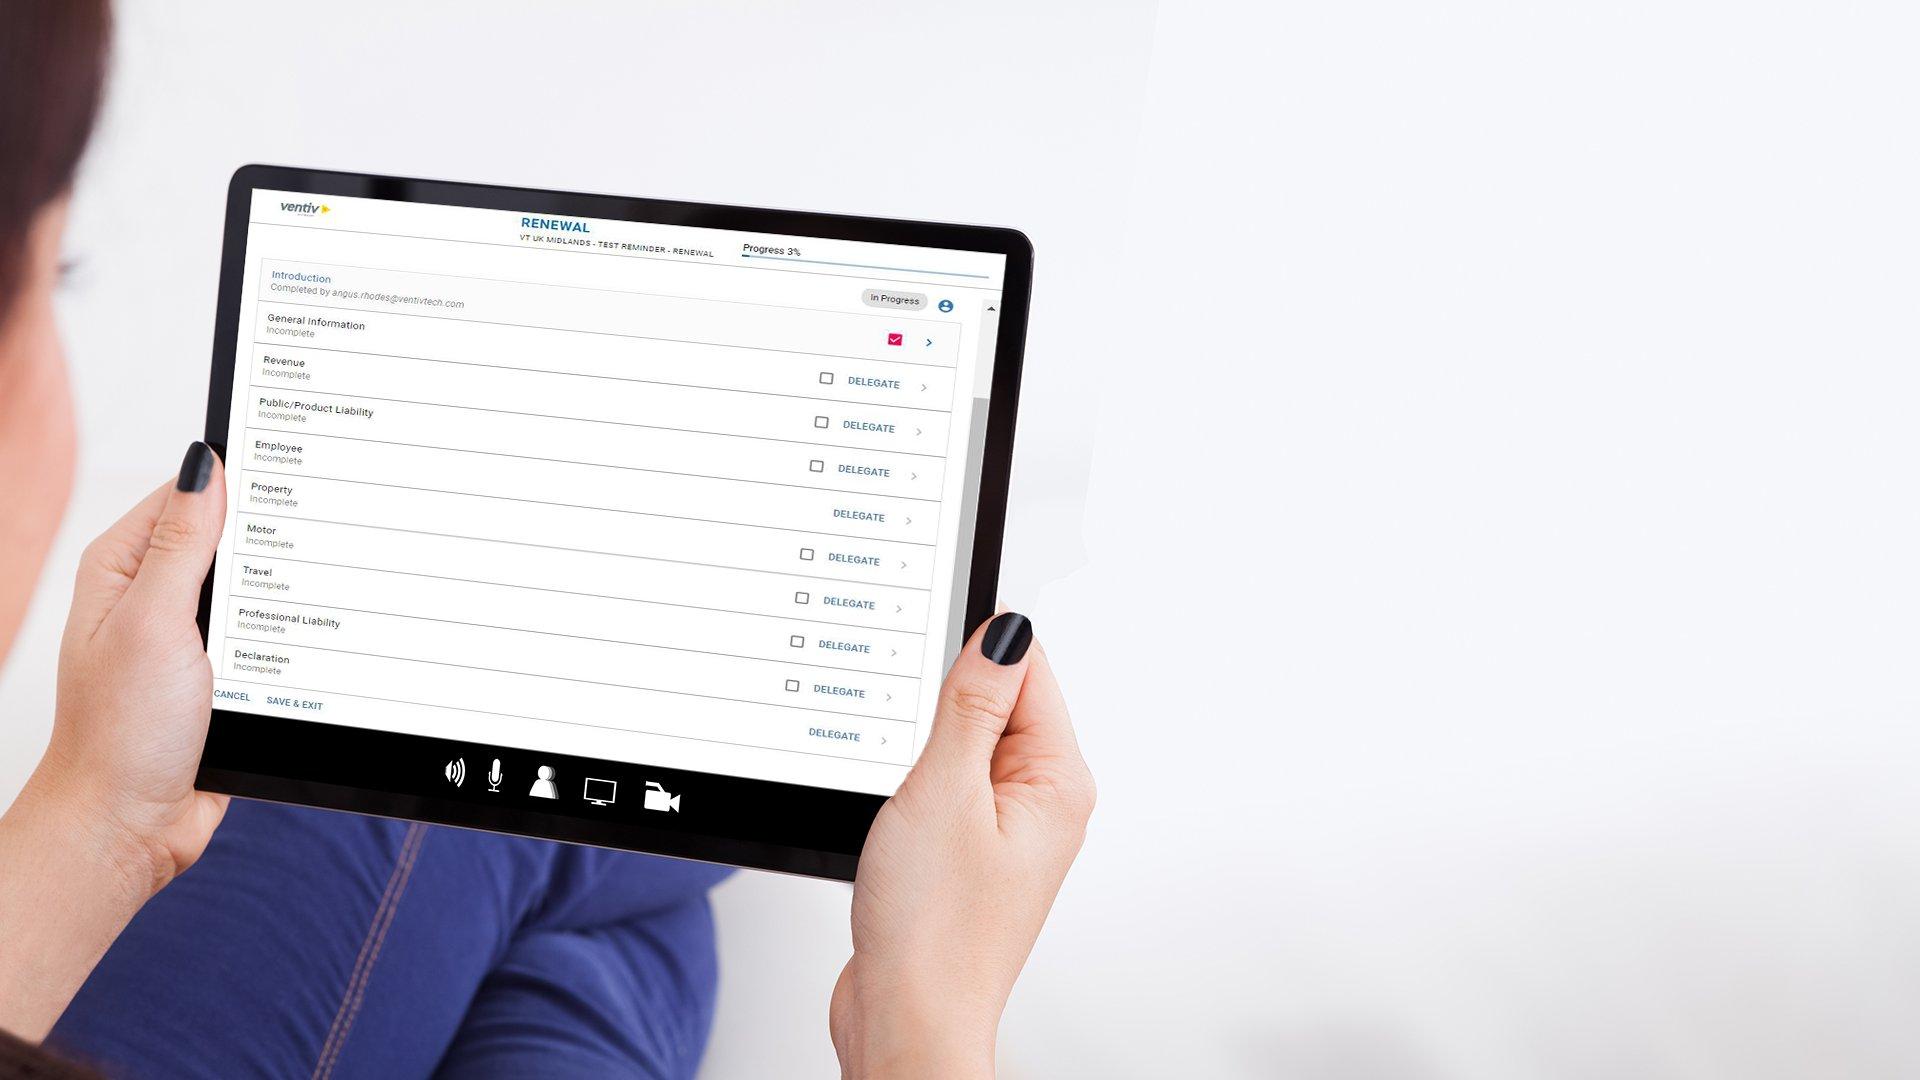 Renewal-Tablet